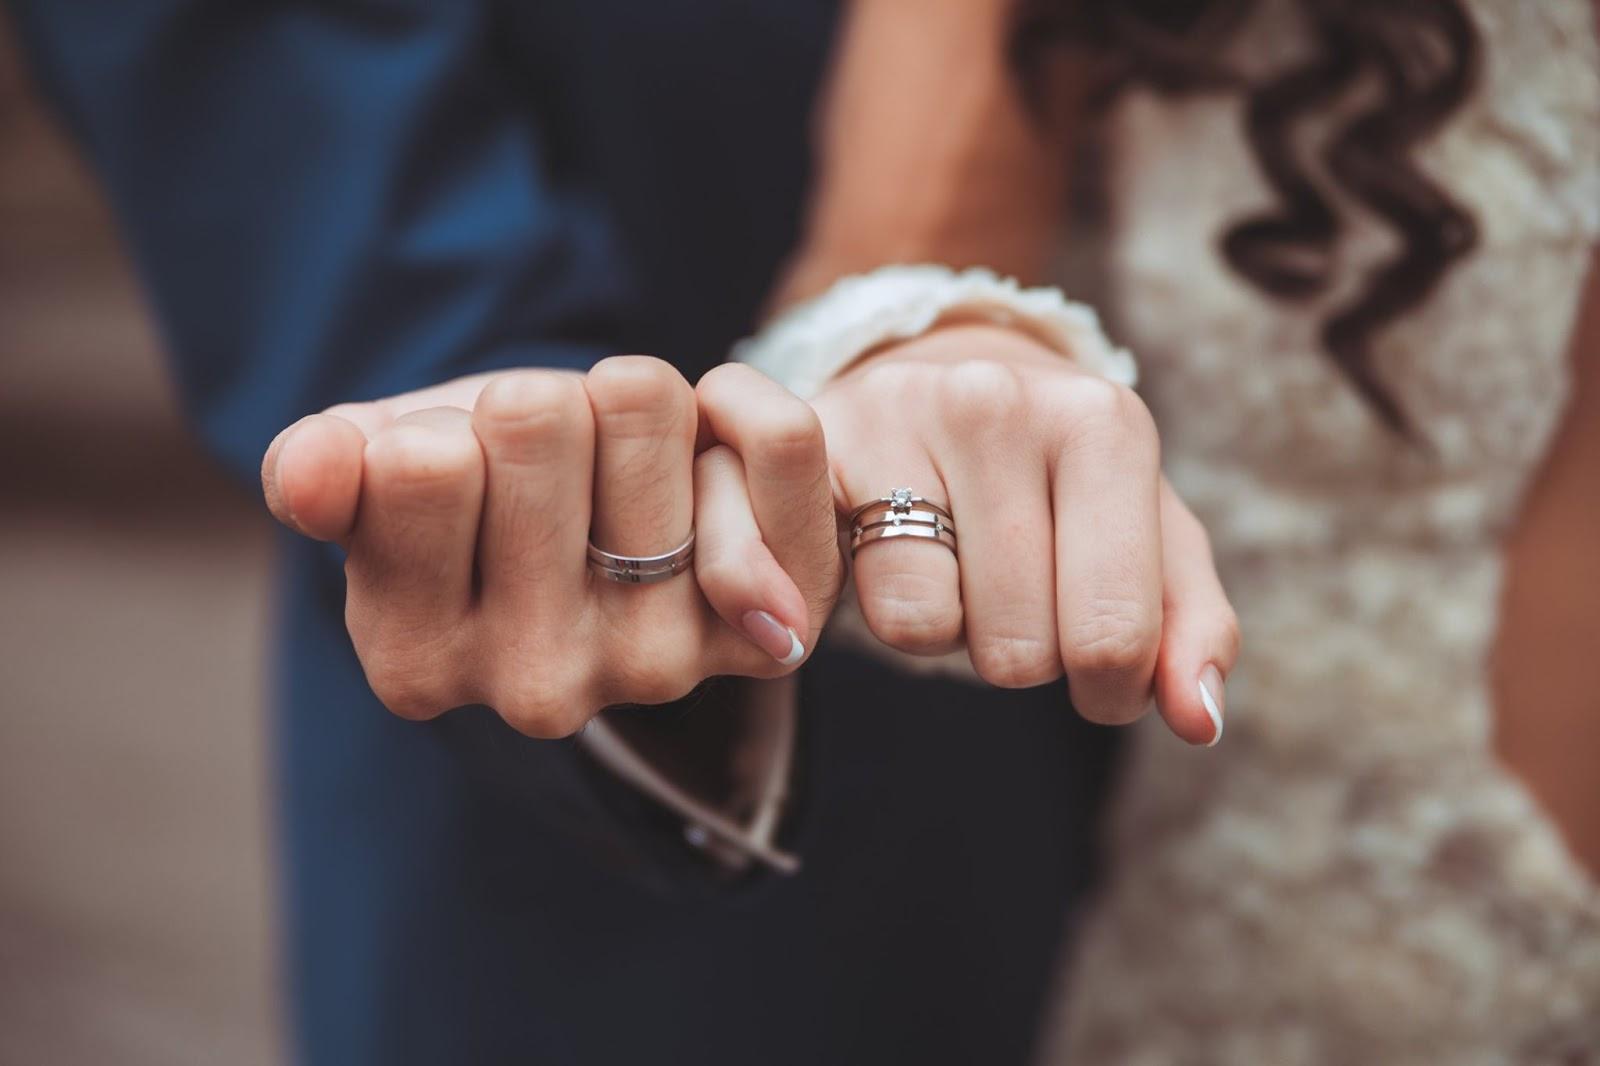 Ciekawe cytaty o małżeństwie